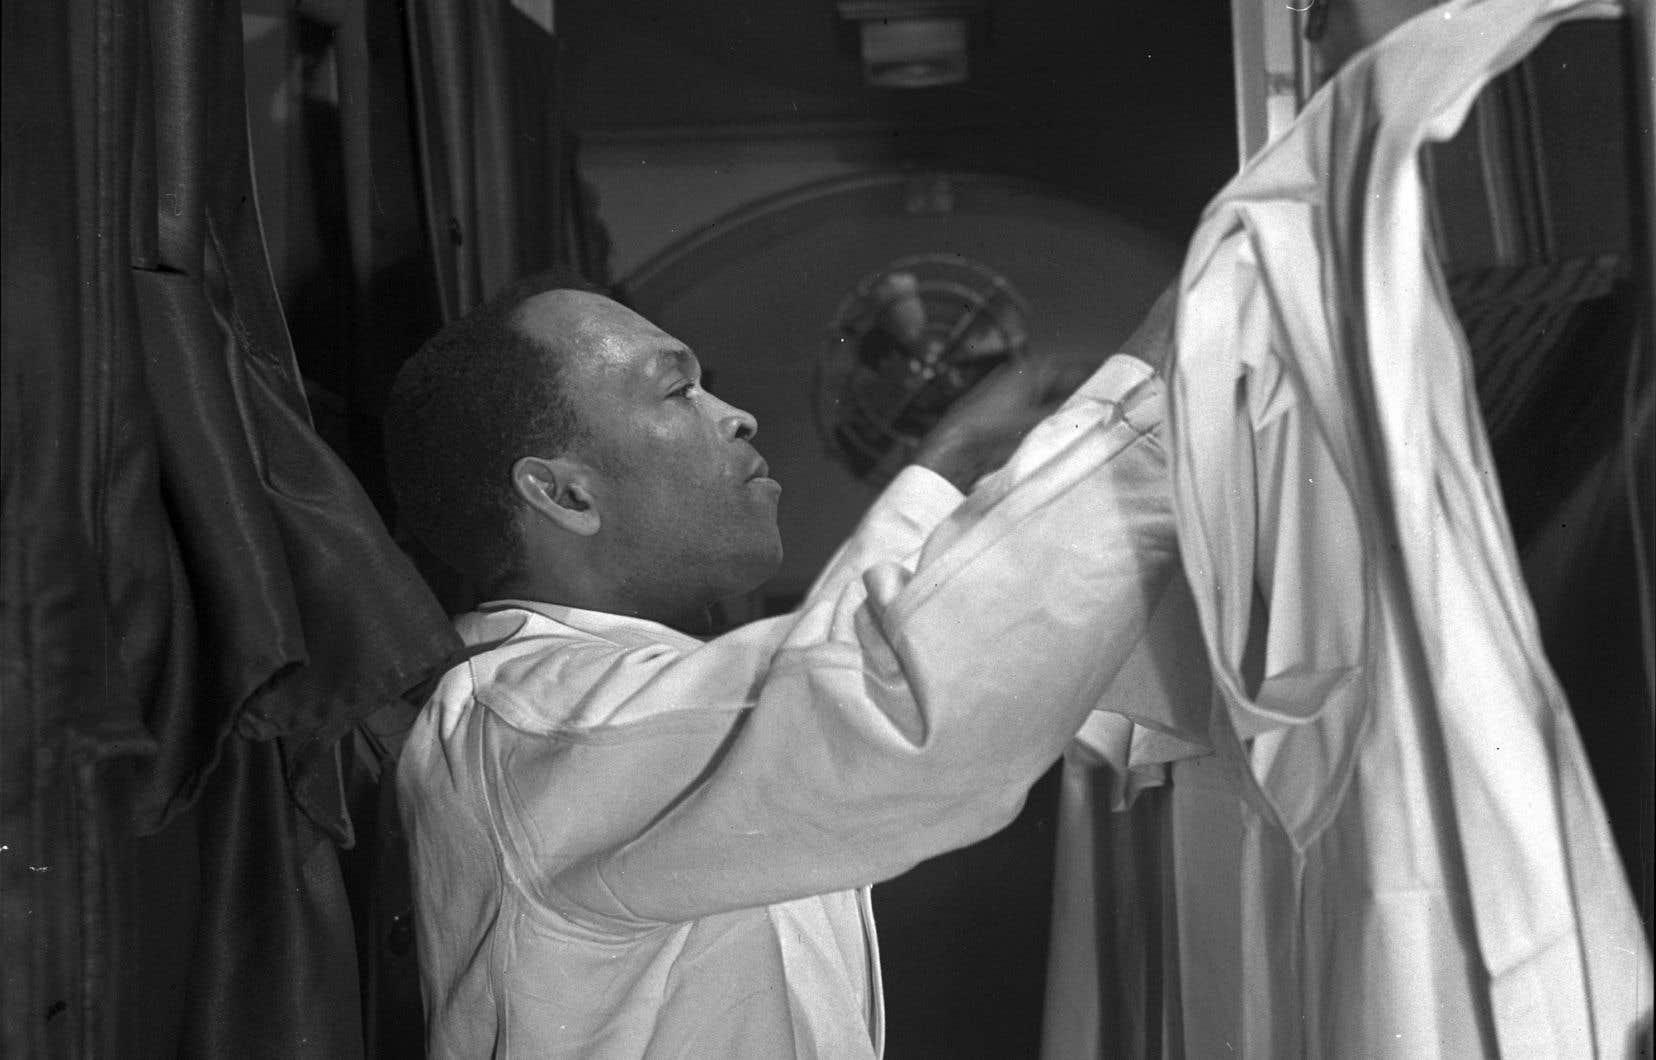 «La tâche des employés des voitures-lits était difficile. Les porteurs étaient tenus à la plus grande courtoisie, malgré le racisme qu'ils essuyaient», rapporte l'auteur.